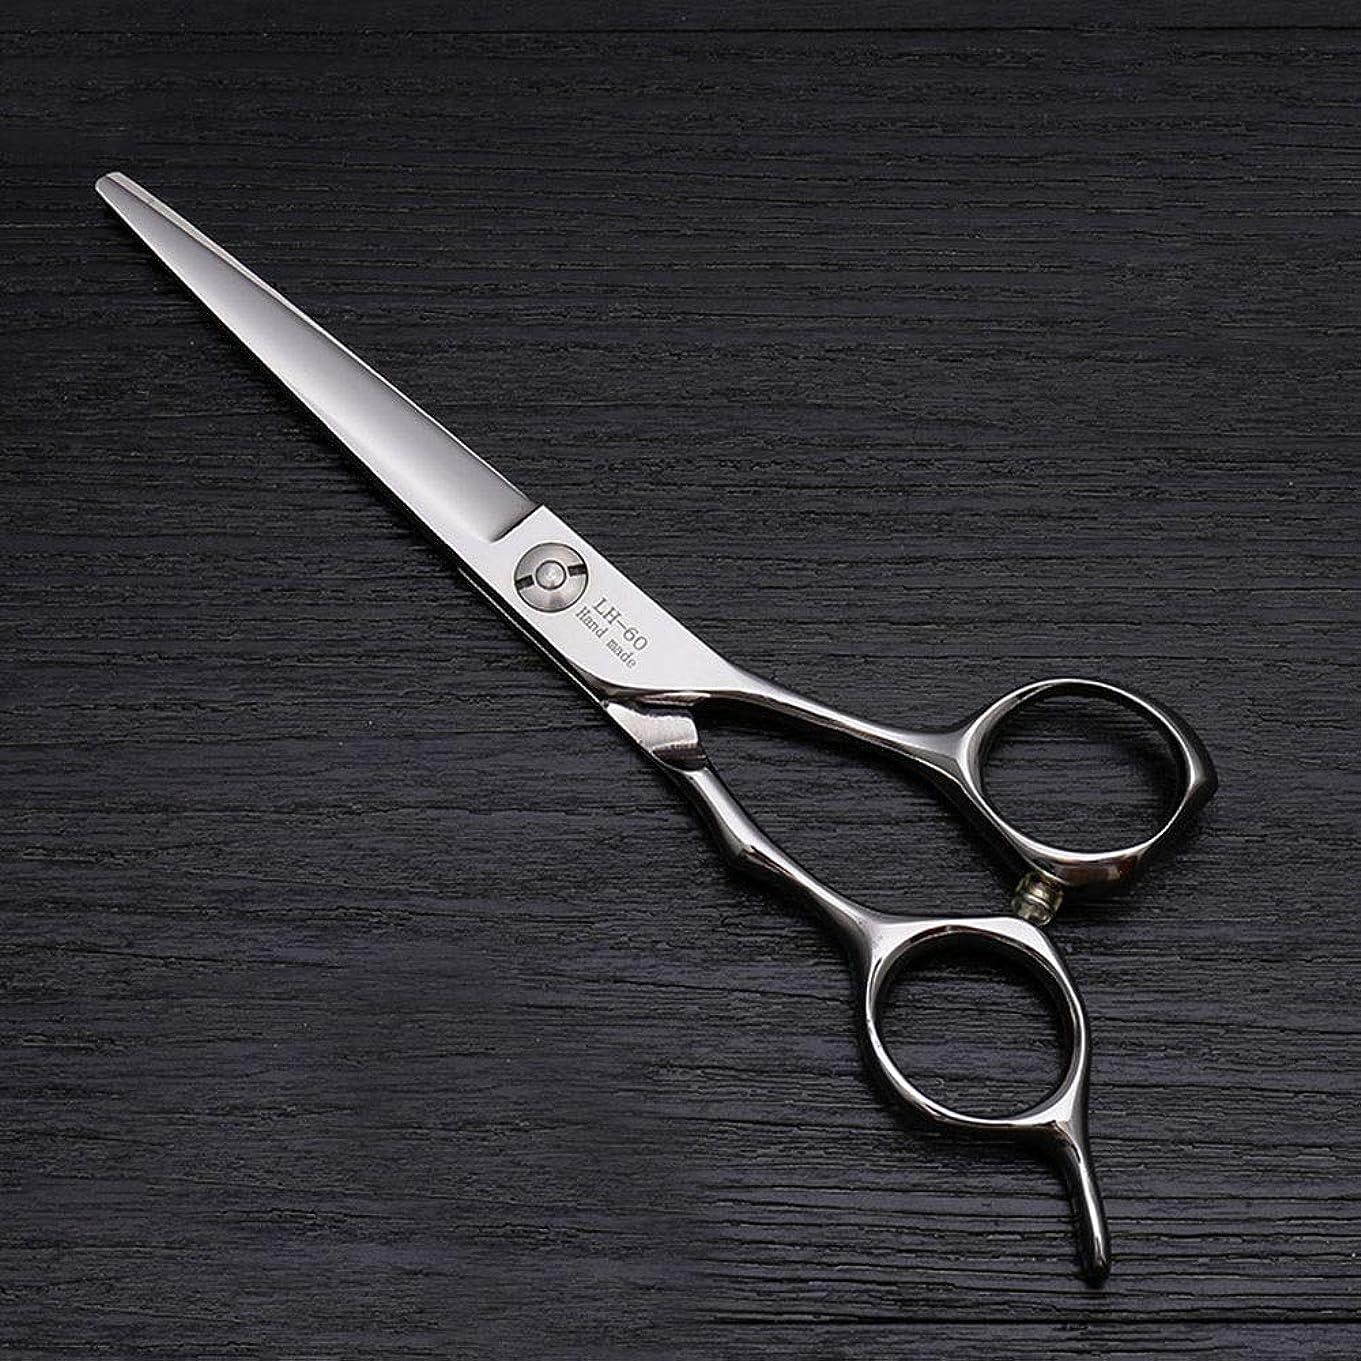 憂慮すべきインスタント促す6インチヘアカットフラットせん断、440高品質スチールハイエンドヘアスタイリスト特別理髪はさみ モデリングツール (色 : Silver)